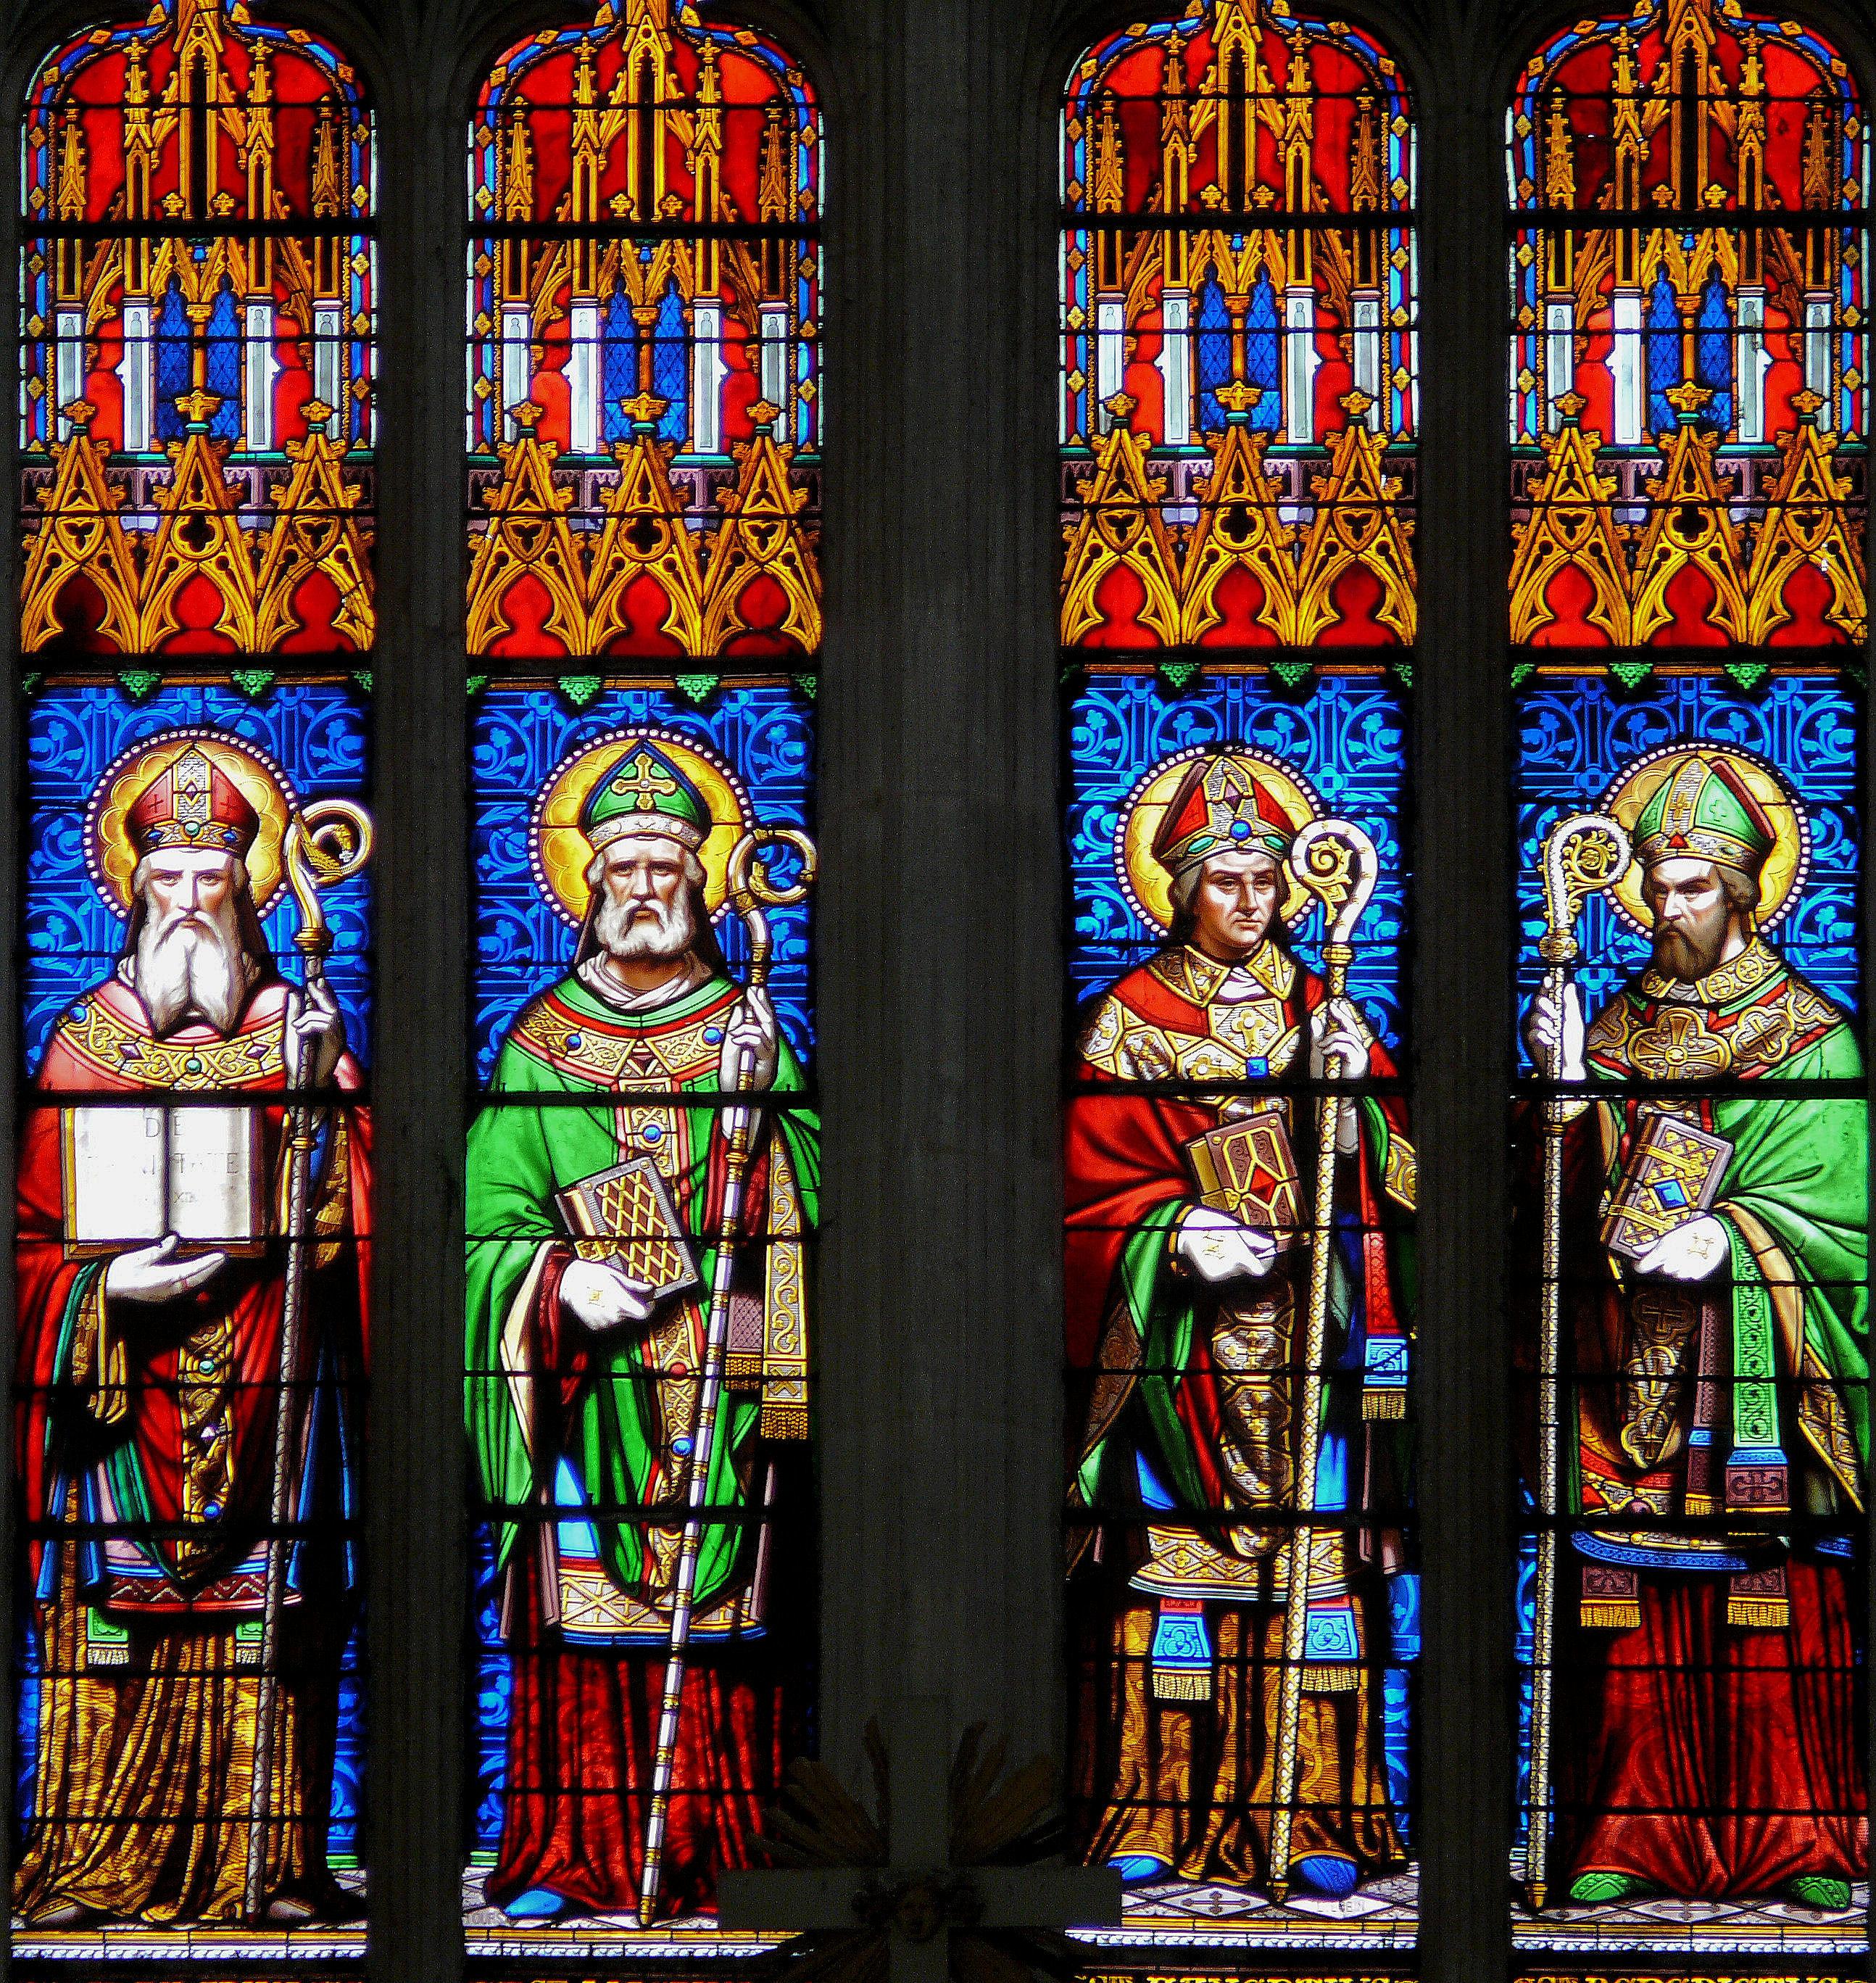 Saint-Maixent-l'Ecole France  city pictures gallery : Fichier:Saint Maixent l'Ecole Abbatiale Vitraux — Wikipédia